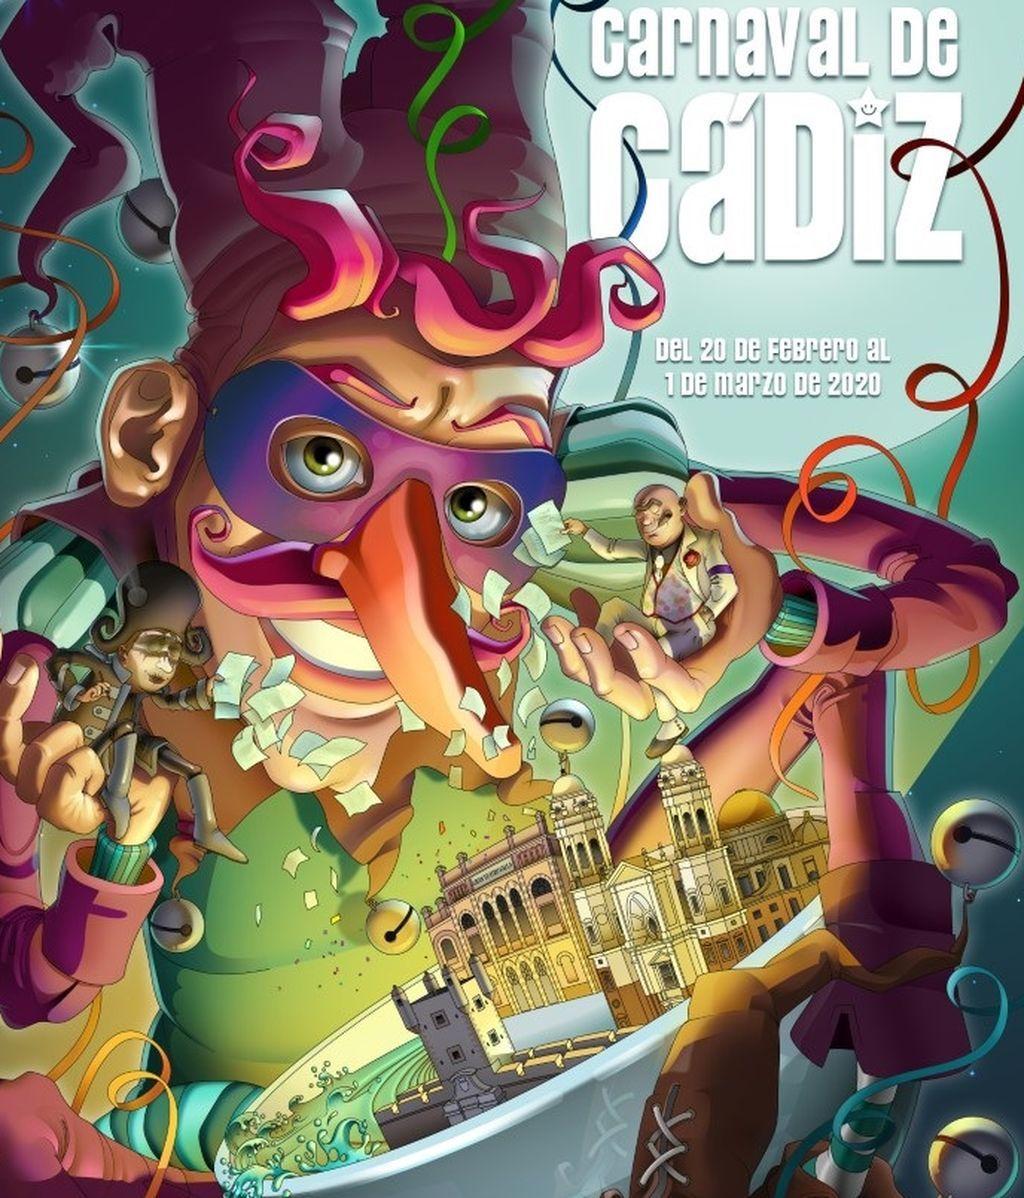 El cartel del carnaval de Cádiz de este año